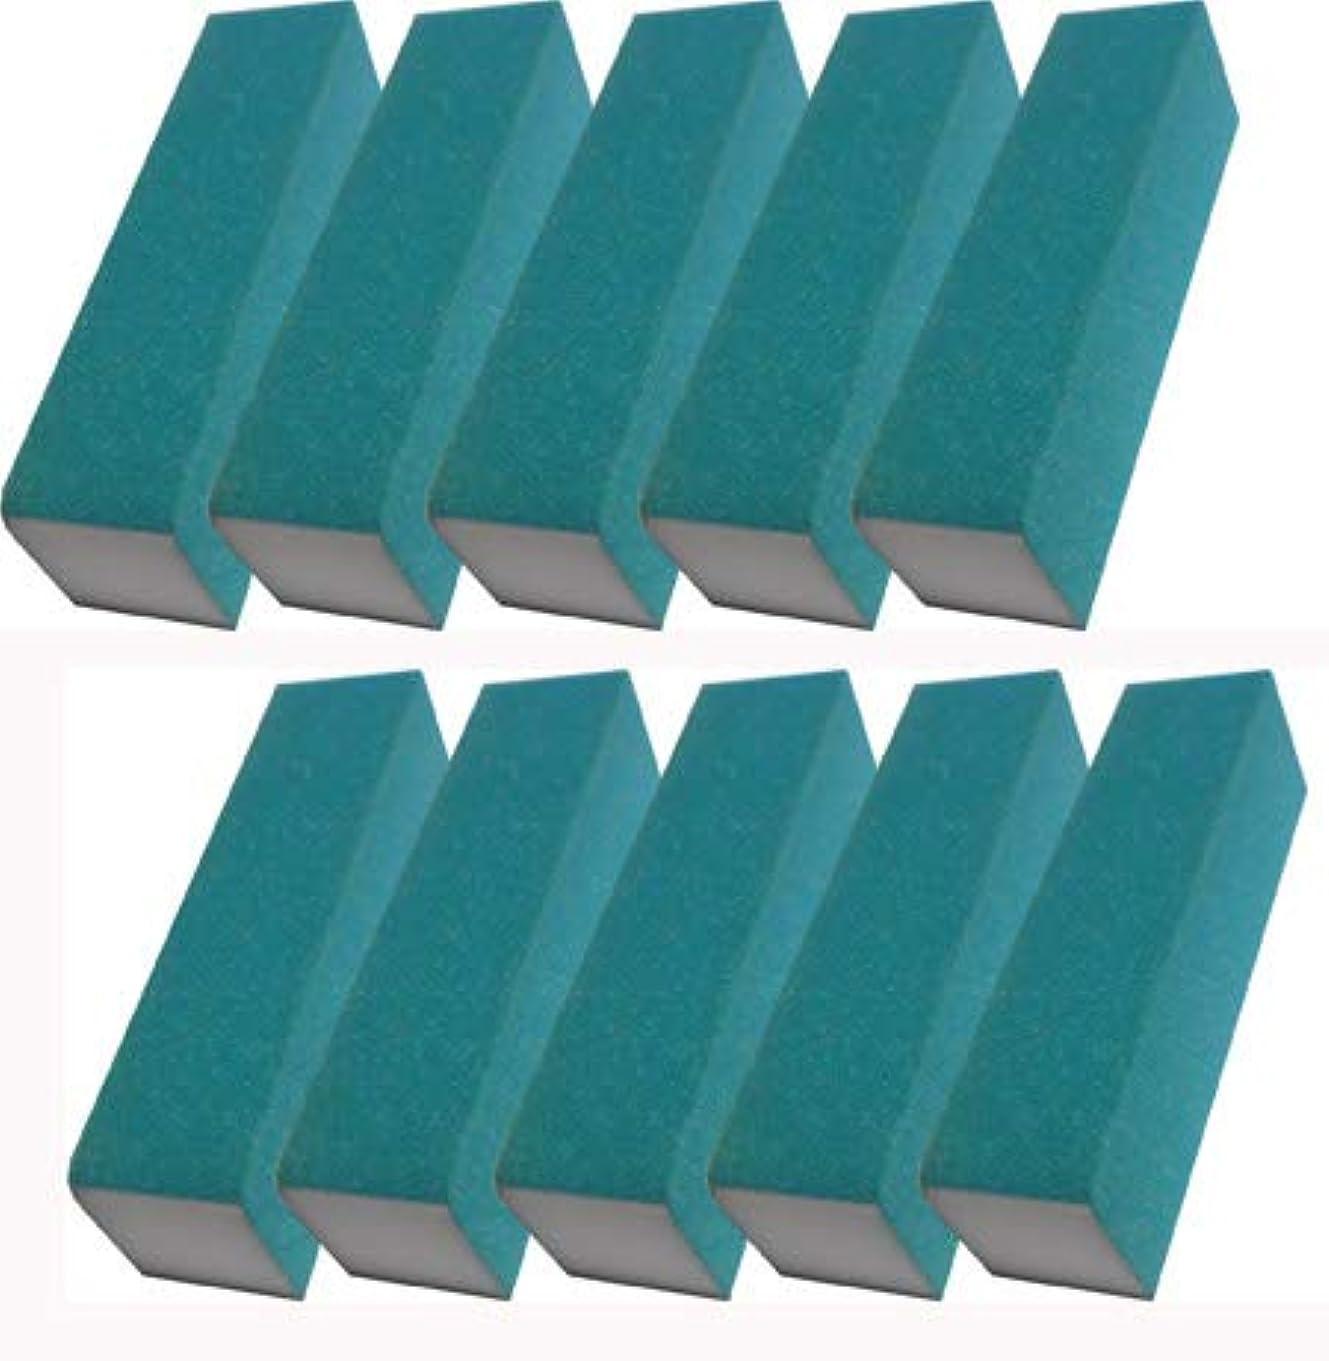 パターンキッチン知恵【アウトレット】カラーブロック ファイル ブルーグリーン(10個)